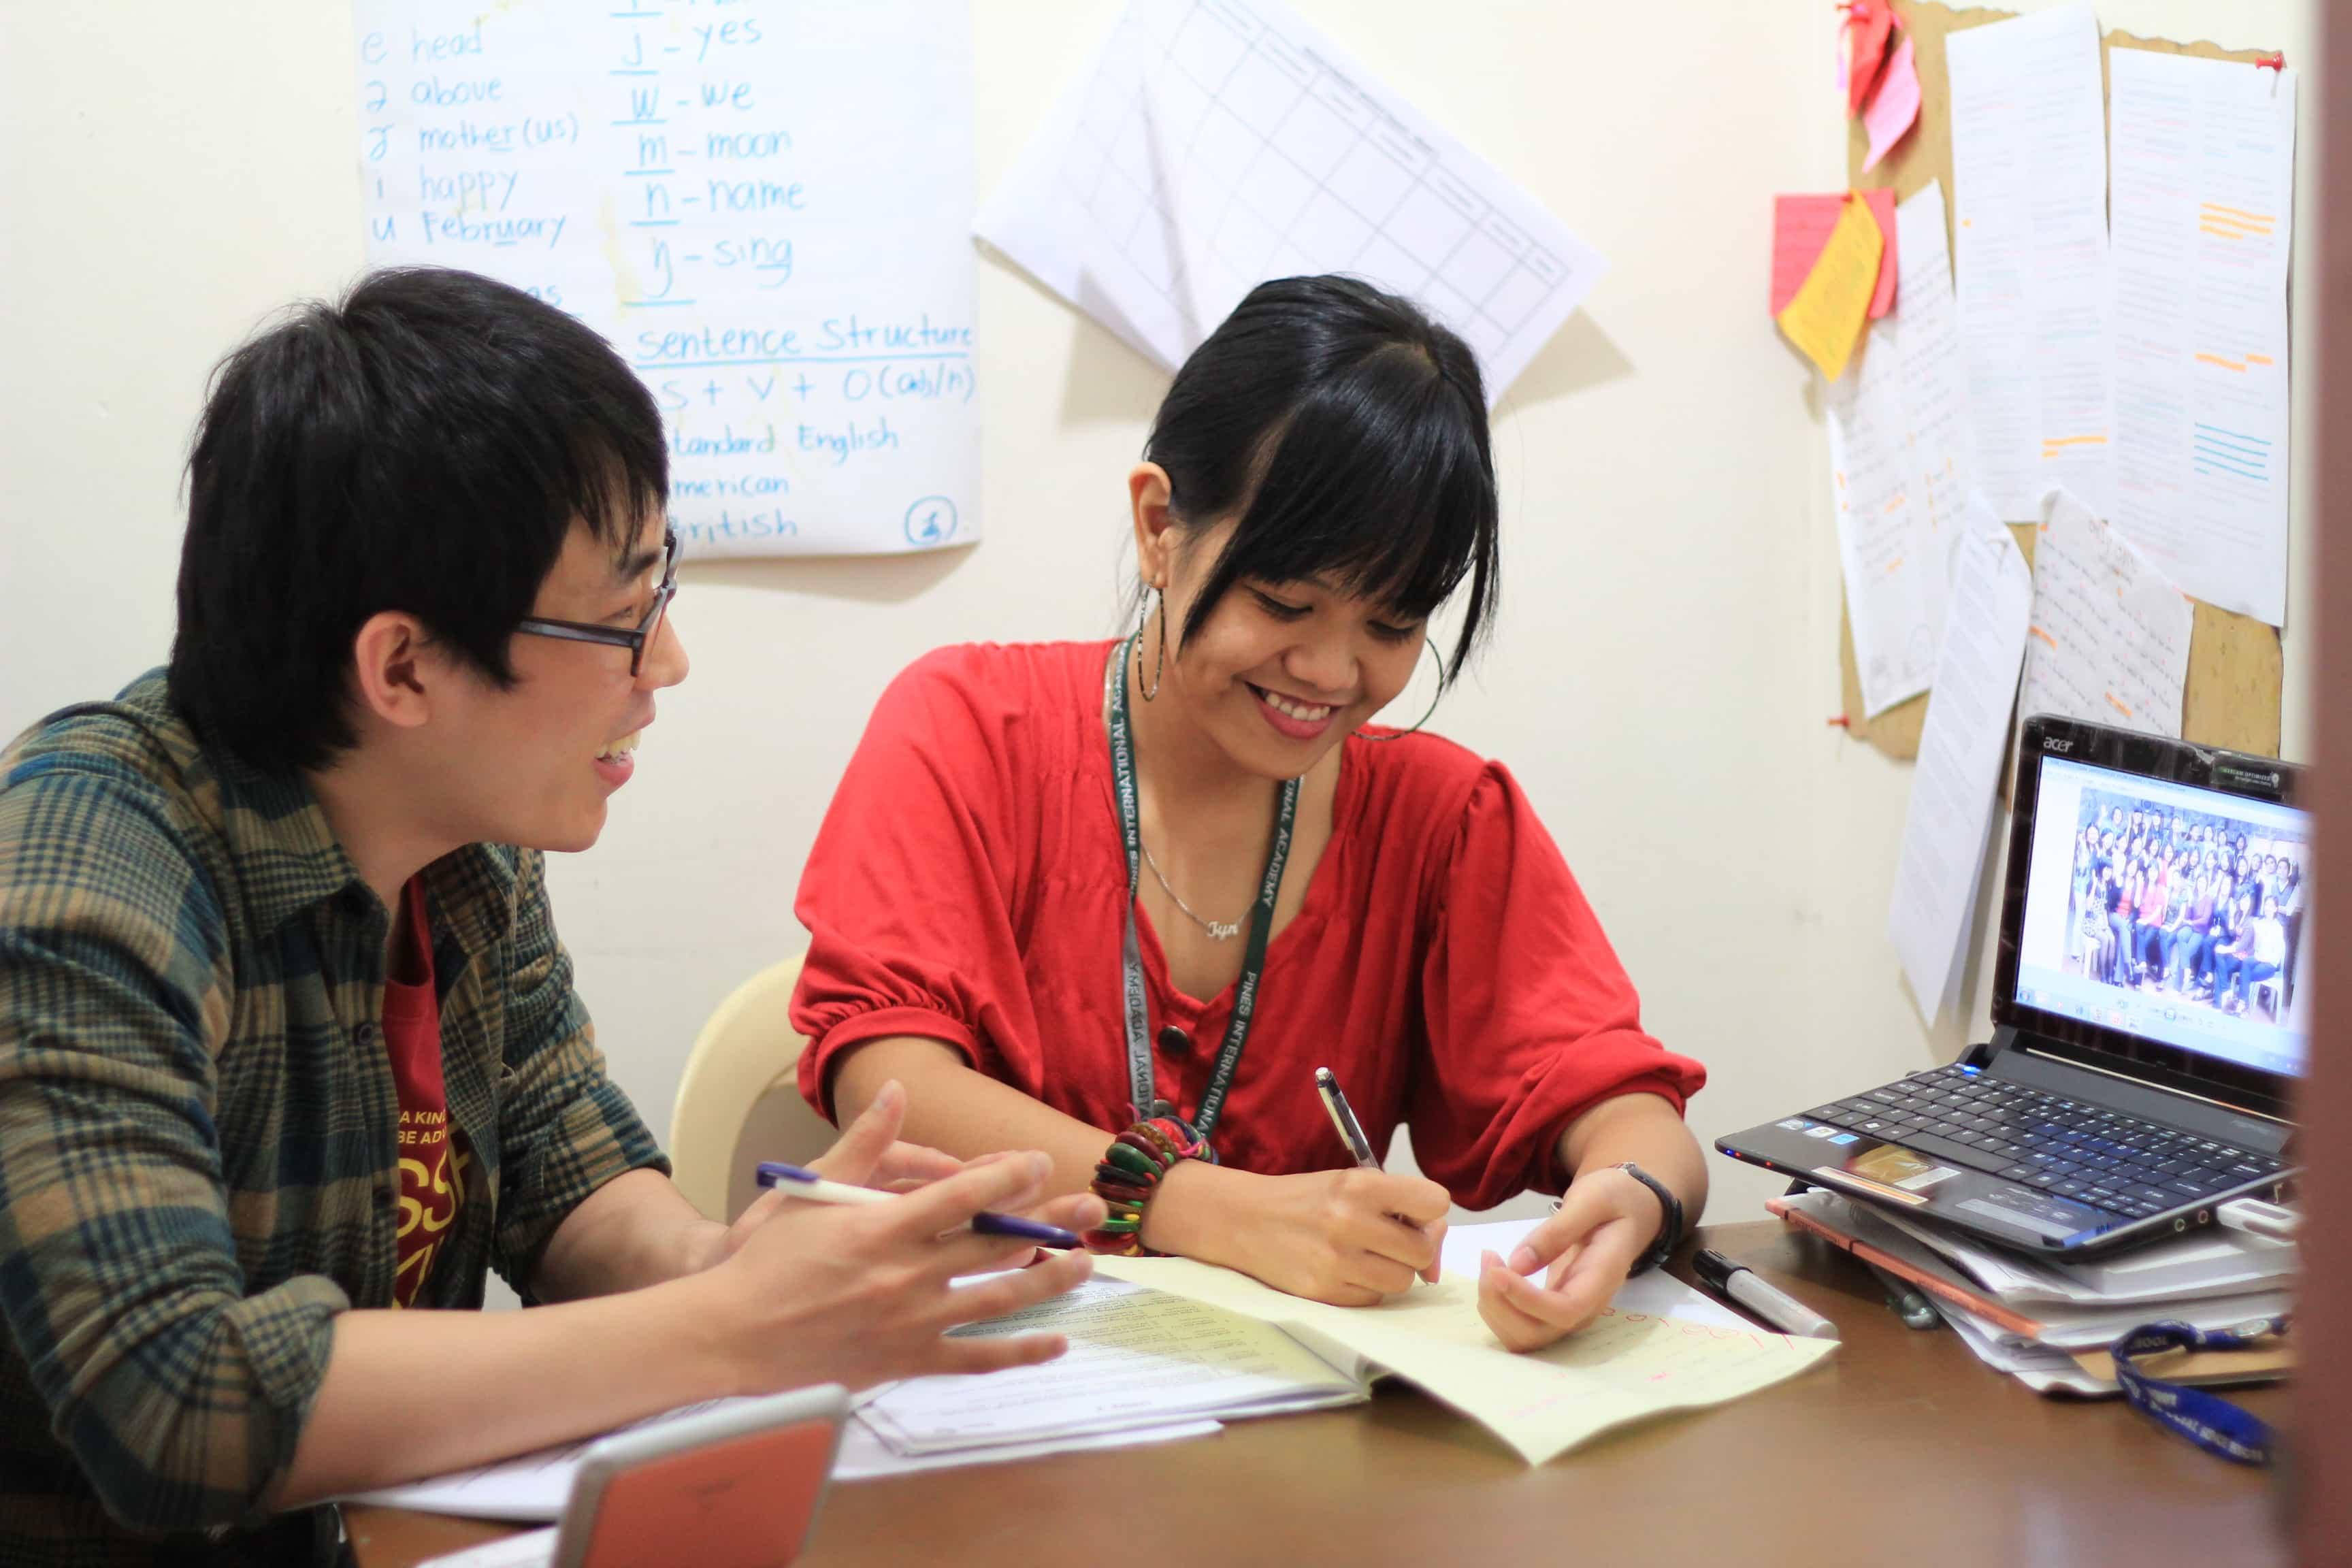 菲律賓語言學校費用, 菲律賓語言學校一個月, 菲律賓語言學校價錢, 菲律宾语言学校碧瑶, 菲律賓語言學校選擇, 菲律賓語言學校比較, 菲律賓語言學校比較, 菲律賓語言學校日本, 英語學院位於菲律賓, 菲律賓遊學之旅, 菲律賓打工遊學, 2018菲律賓遊學團, 菲律賓遊學經驗, 菲律賓遊學代辦評價, 碧瑤遊學, 碧瑤語言學校, 碧 瑤 半 斯 巴 達 語言 學校, 菲律賓 碧 瑤, 菲律賓 碧 瑤 語言 學校 斯 巴 達 저렴한필리핀어학연수, 필리핀어학연수 후기, 필리핀어학연수 강추 , 필리핀 어학연수, 필리핀어학연수 후기, 영어를 배우다, 필리핀에서 영어 공부, 어학연수, 바기오어학, 필리핀 여행, 필리핀 항공권, 파인스어학원, 유학, 여름방학캠프, 영어왕초보, 유학어학연수, 유학, 워홀, 어학원, 어학원, 세부여행, 필리핀후기, 필리핀어학원, 겨울캠프, 필리핀 여행 비용, 필리핀여름캠프, 필리핀여름캠프, 오픽 학원, 초등영어캠프, 필리핀캐나다어학연수, 바기오후기, 가족연수, 바기오필리핀어학연수 安い語学学校, 海外の安い英語学校, フィリピン 留学 英語, フィリピン 留学 英語, フィリピン 英語 学校, トップ英会話アカデミーバギオ, トップ英会話アカデミーバギオ, フィリピンで英語を学ぶ, トップ英会話アカデミー, 最高の英語アカデミー, 安い英語アカデミー, 英語を習う, 海外で英語を学ぶ, 海外の安い英語学校, フィリピンの安い英語学校, 安い語学学校, フィリピン 英語 学校 , トップ英会話アカデミーバギオ, フィリピンで英語を学ぶ, 最高の英語アカデミー, 安い英語アカデミー, 英語を習う, 海外で英語を学ぶ, , 海外の安い英語学校, フィリピンの安い英語学校, 安い語学学校, フィリピン 留学 英語, フィリピン 英語 学校, トップ英会話アカデミーバギオ, トップ英会話アカデミーバギオ, フィリピンで英語を学ぶ, トップ英会話アカデミー, 最高の英語アカデミー, 安い英語アカデミー, 英語を習う, 海外で英語を学ぶ, 海外の安い英語学校, フィリピンの安い英語学校, 安い語学学校,, 学び、海外に留学する học tiếng anh tại Philippines, học tiếng anh ở Philippines, du học Philippines, học tiếng anh tại baguio, học tiếng anh ở baguio, học tiếng anh tại baguio , du học baguio, chi phí du học Philippines, Chi phí du học tiếng Anh tại Philippines, Học tiếng anh ngắn hạn tại Philippines, trung tâm luyện thi ielts, học ielts ở đâu tốt,